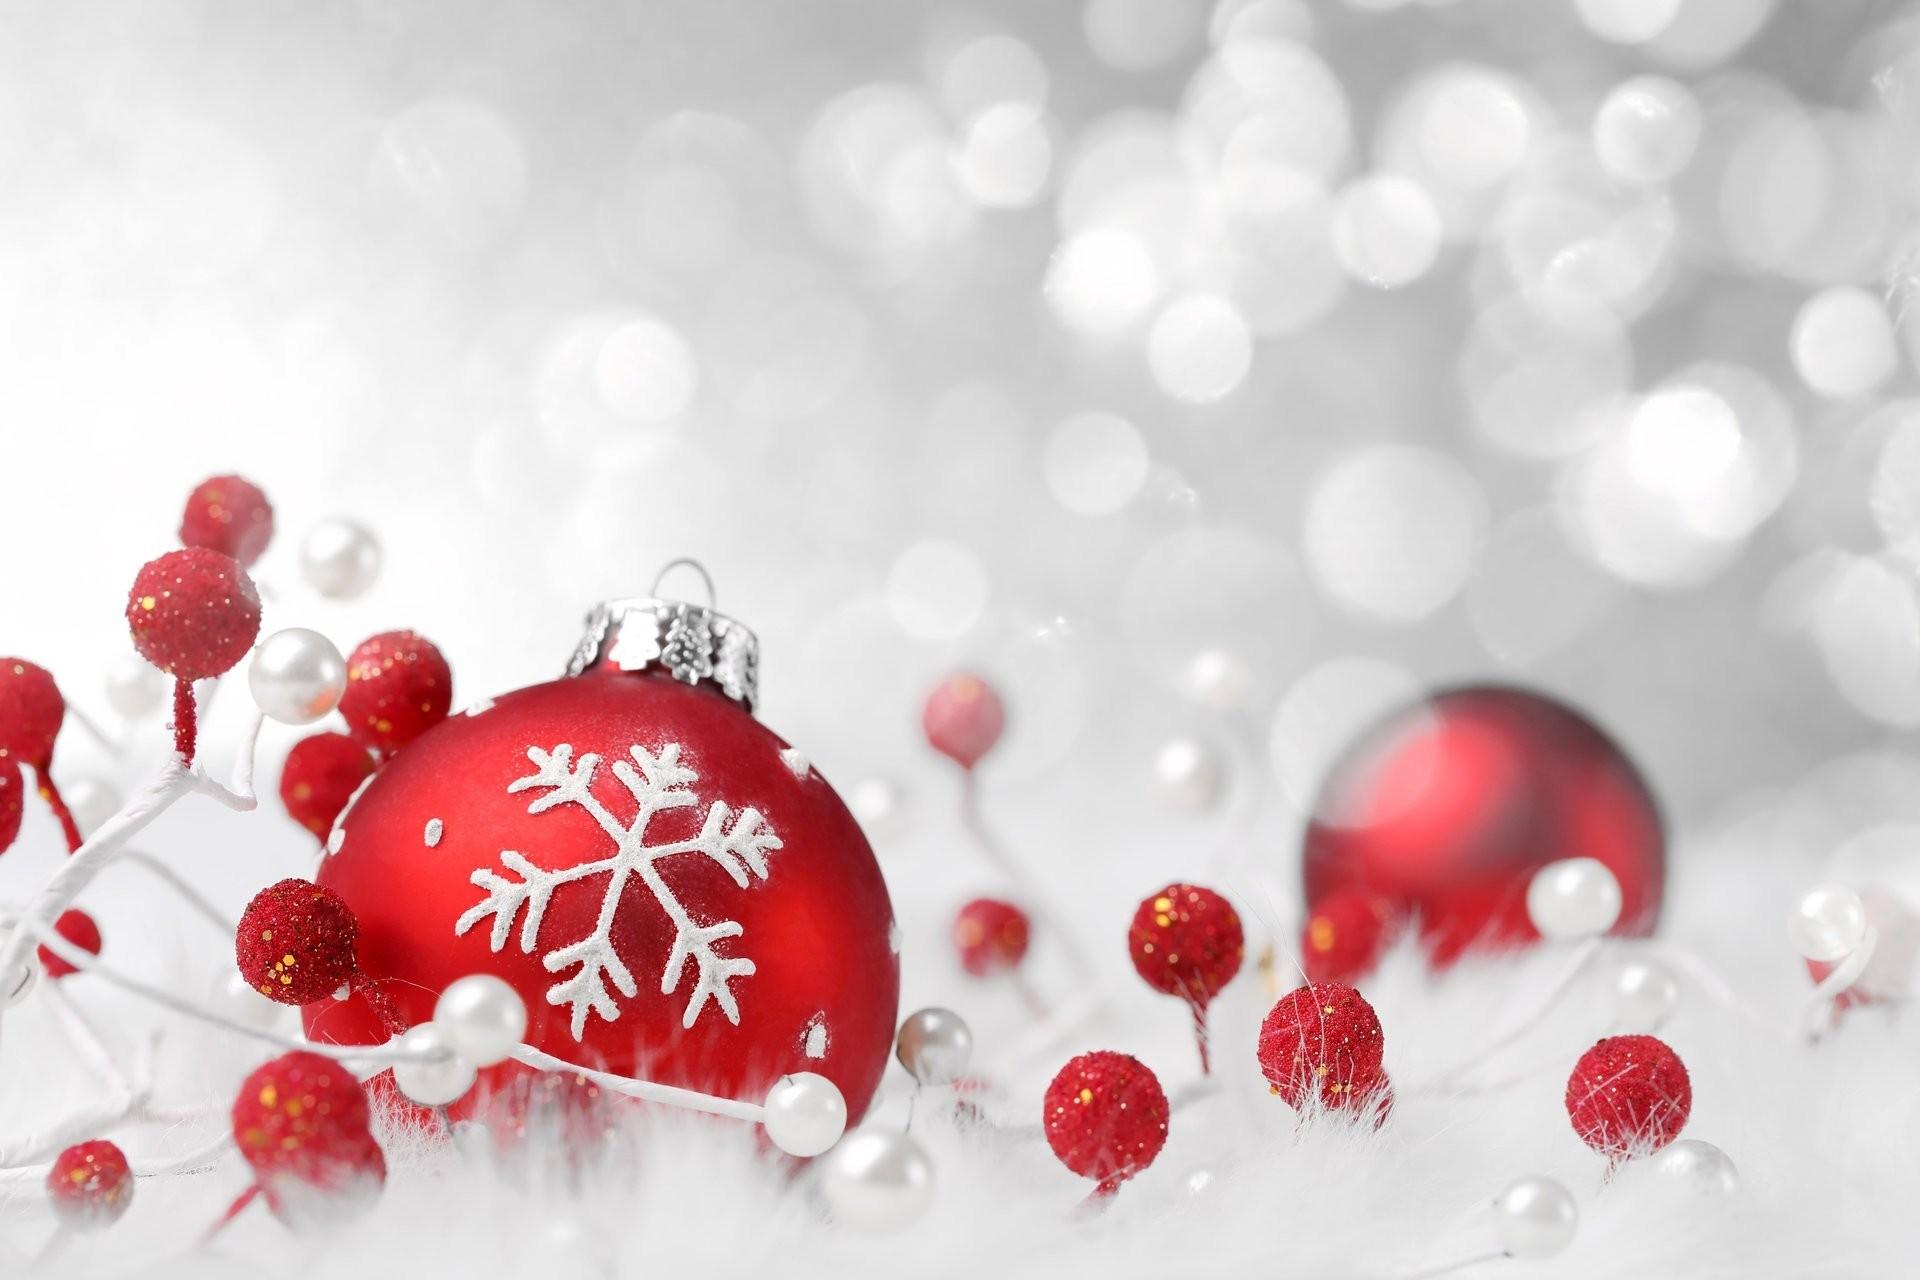 new year christmas ball red snowflake toys christmas christmas scenery  bokeh holidays winter